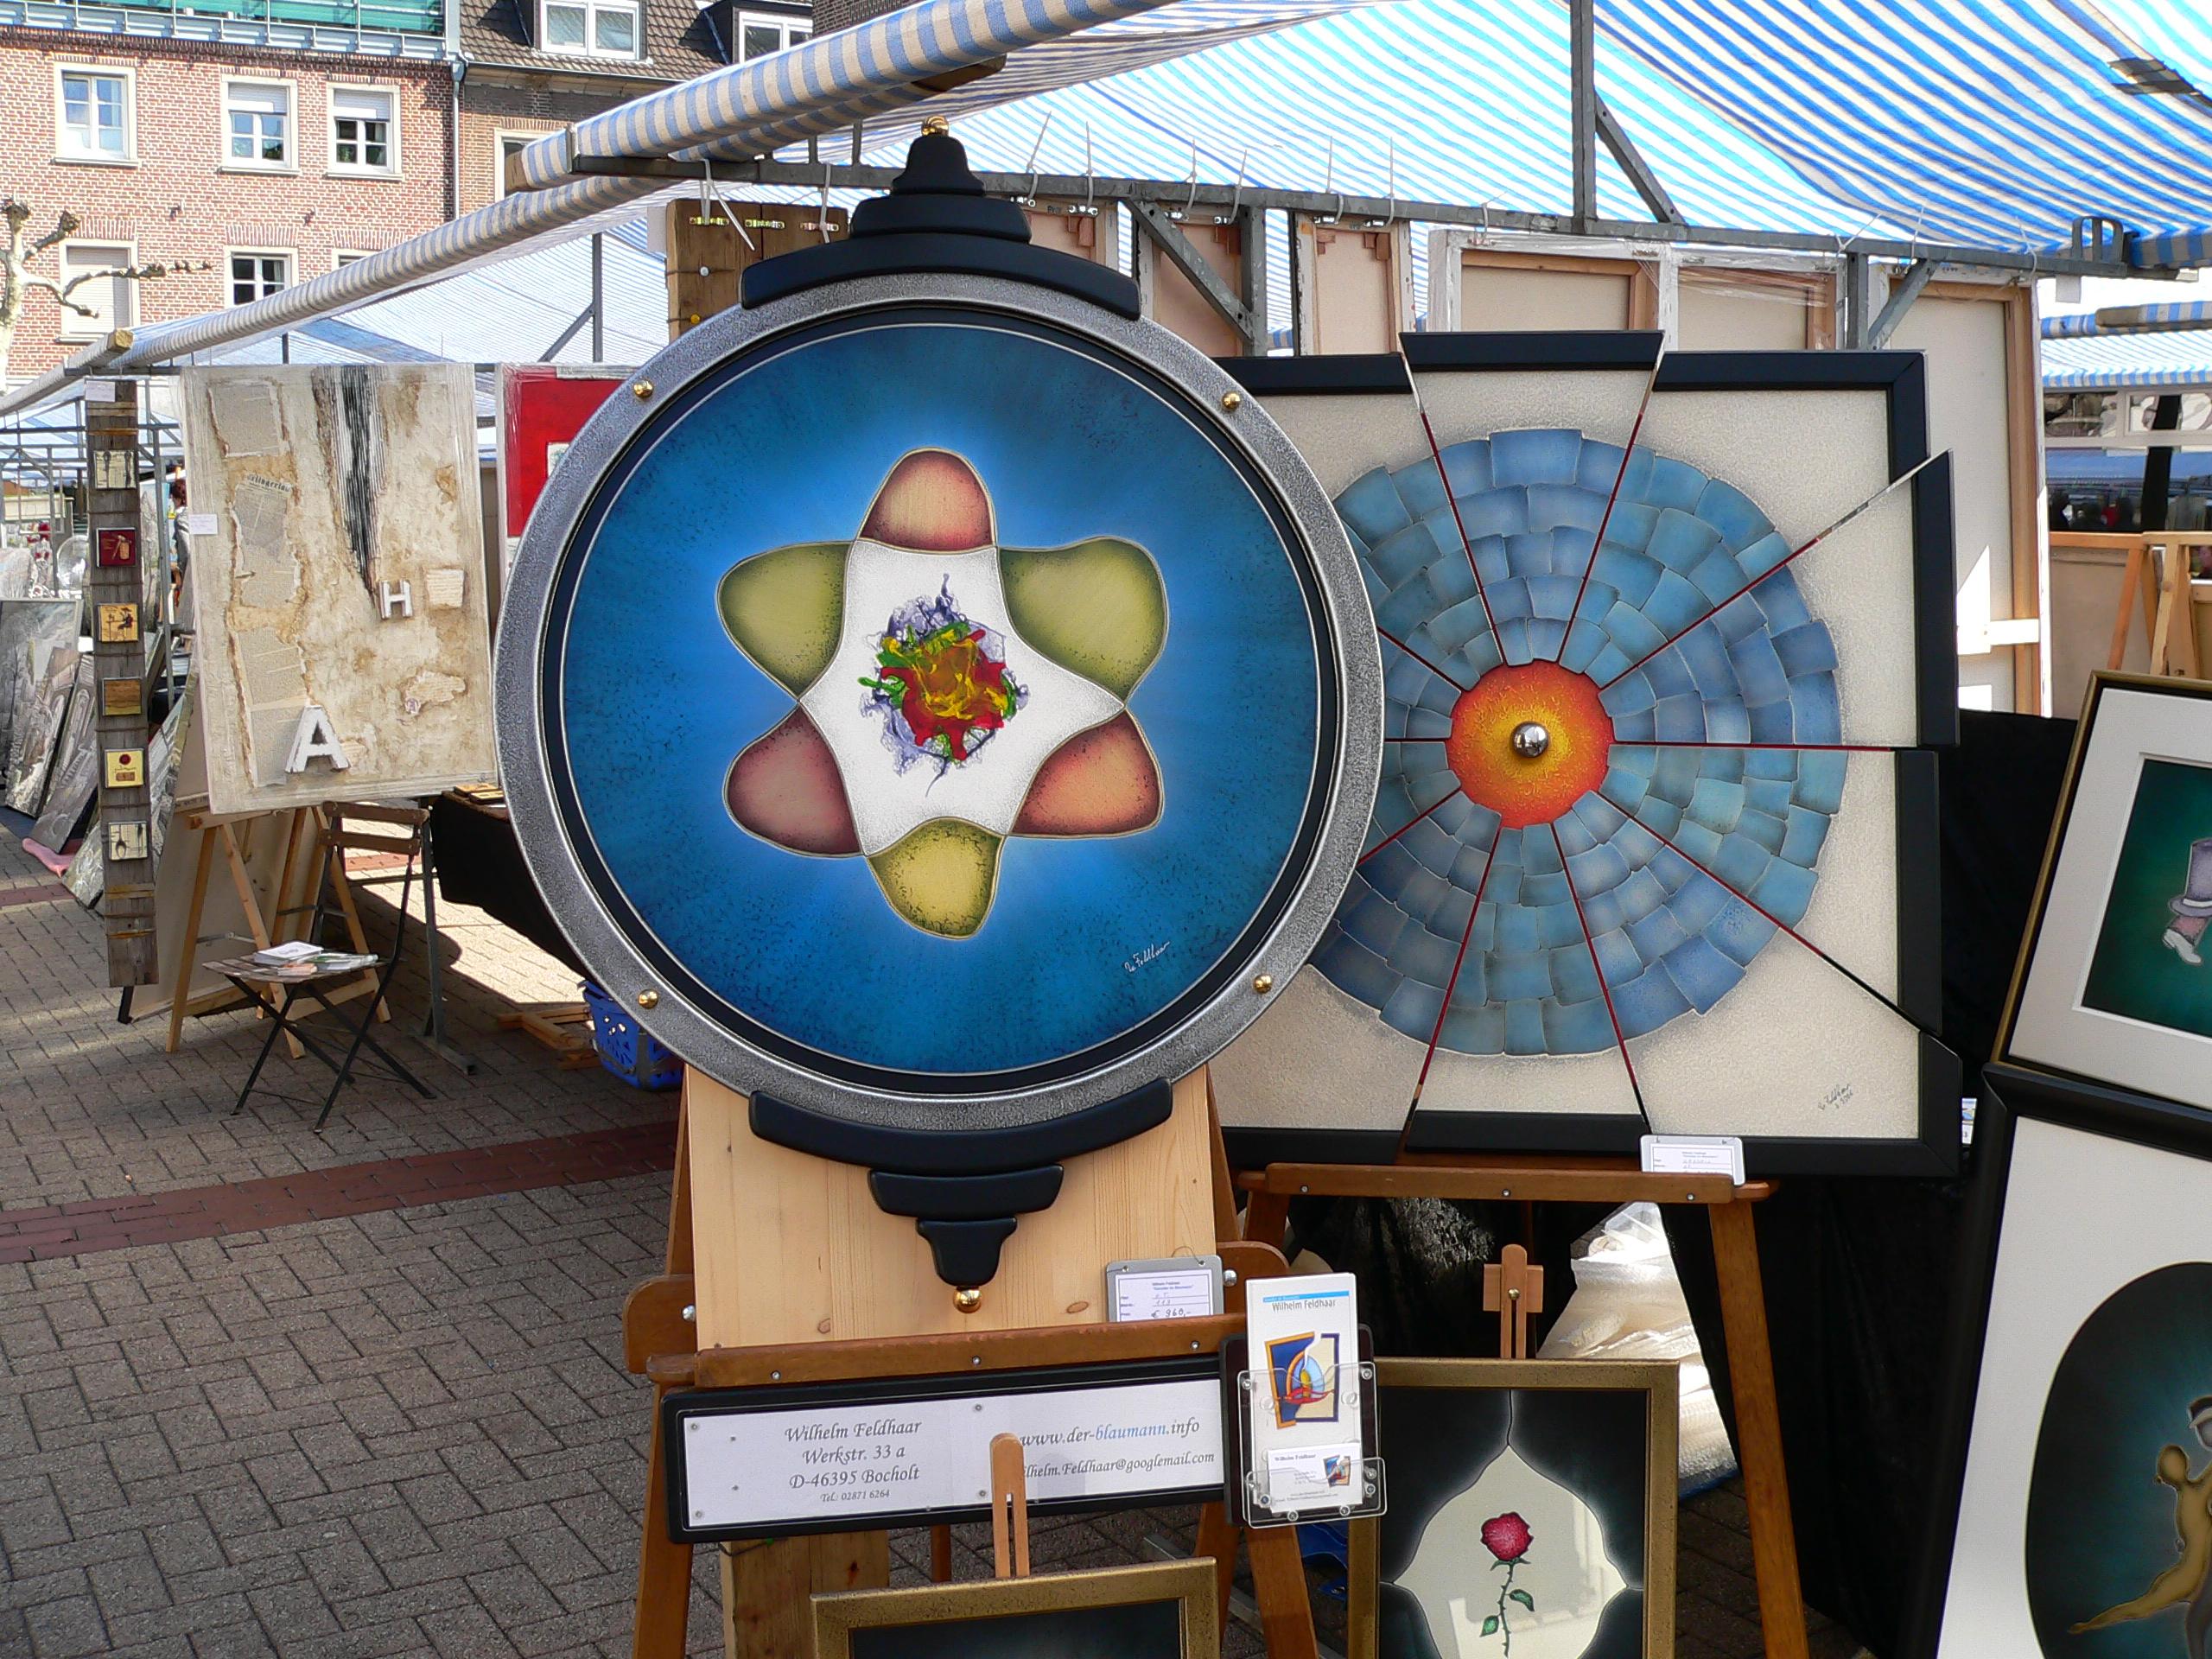 P1160766 - ART NETWORK: Kunst-voll einrichten in Bocholt